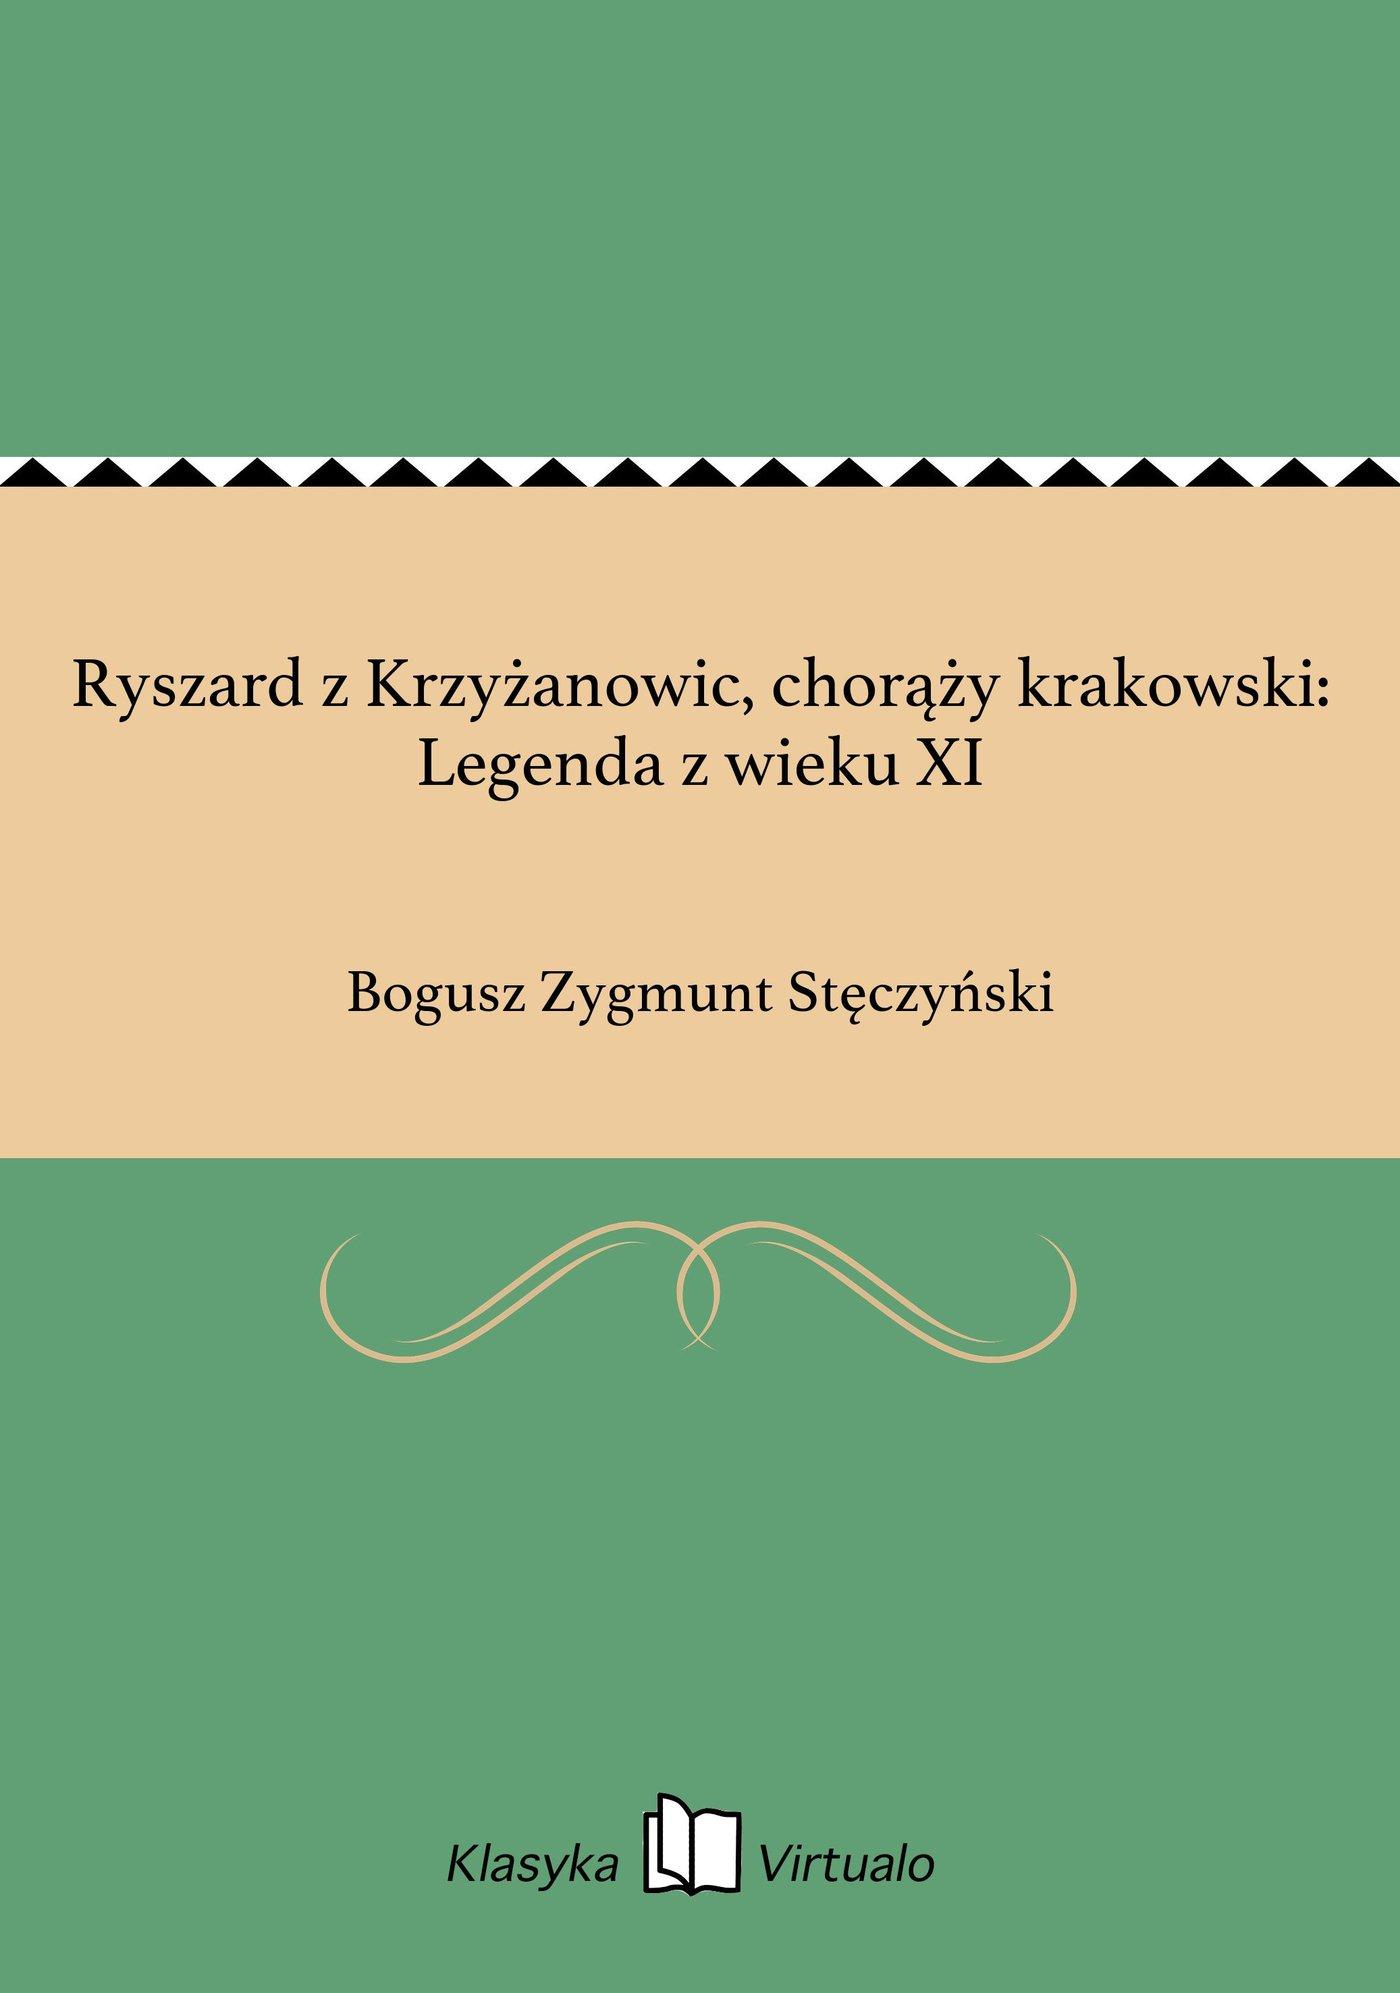 Ryszard z Krzyżanowic, chorąży krakowski: Legenda z wieku XI - Ebook (Książka EPUB) do pobrania w formacie EPUB